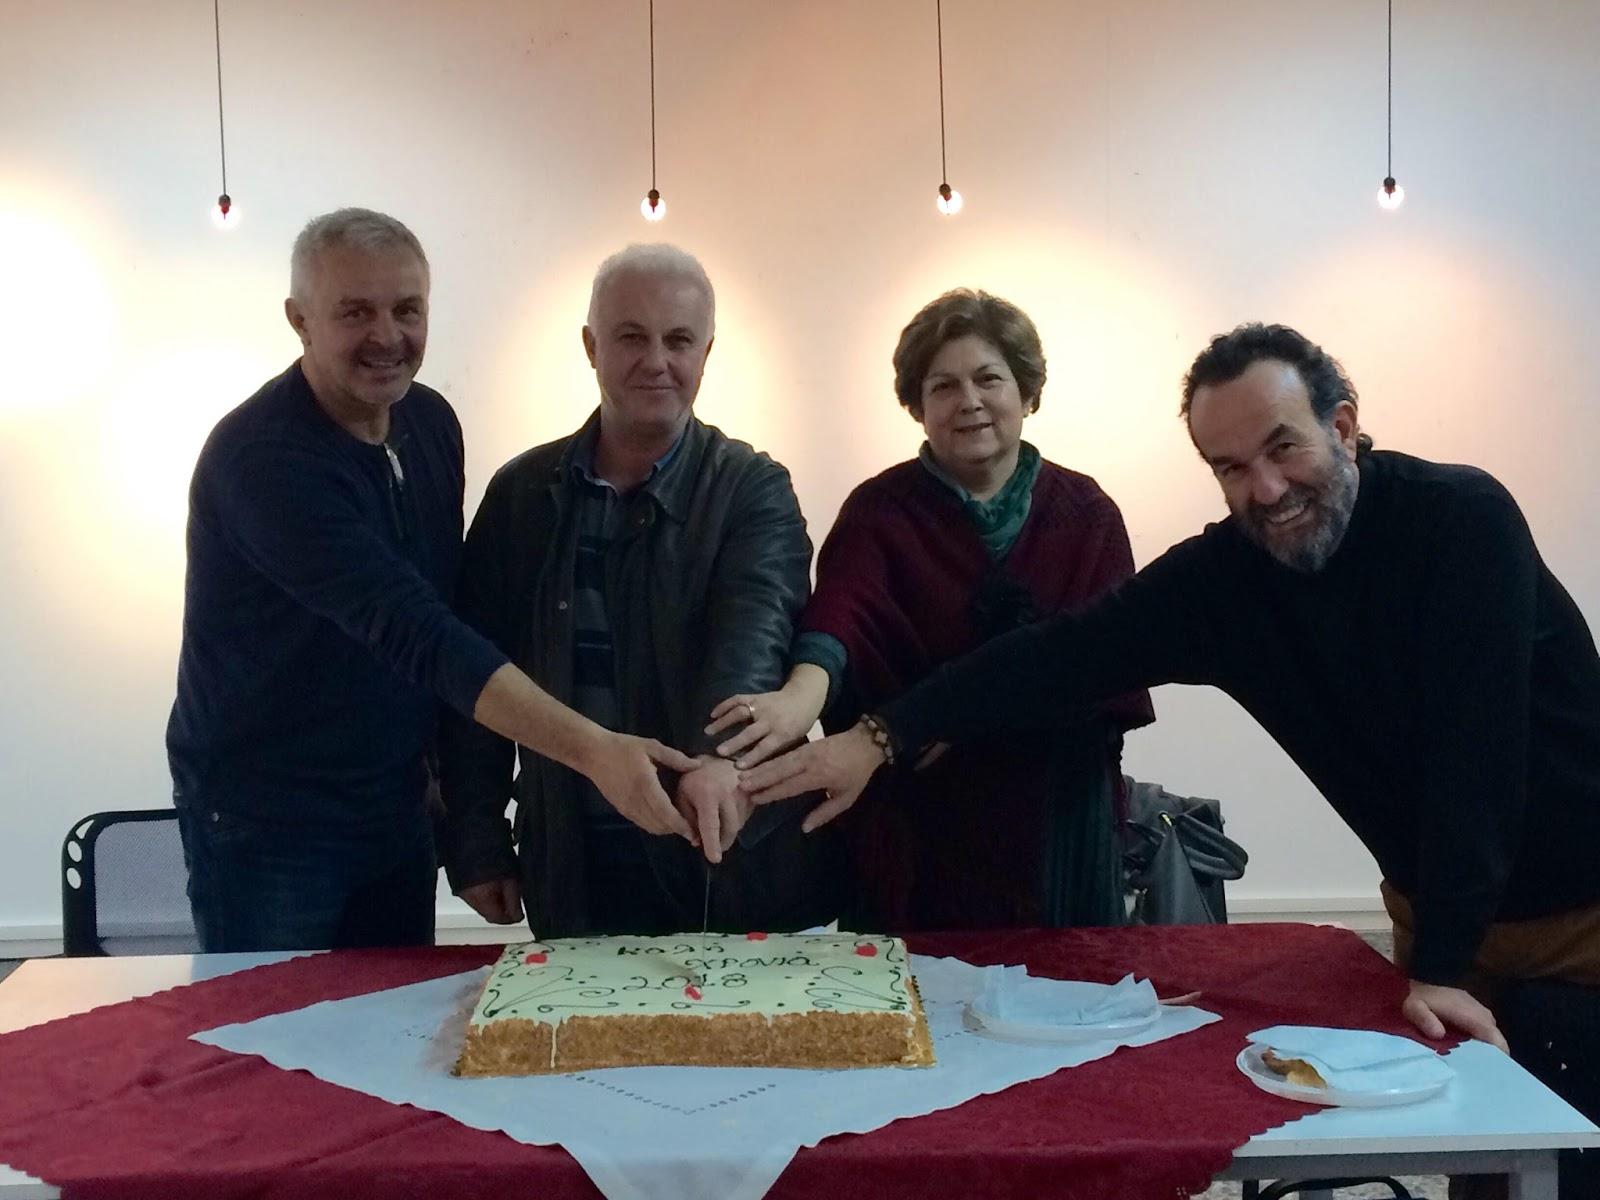 Εκοψε πίτα το Αθλητικό τμήμα του Δήμου Λαρισαίων (ΦΩΤΟ)